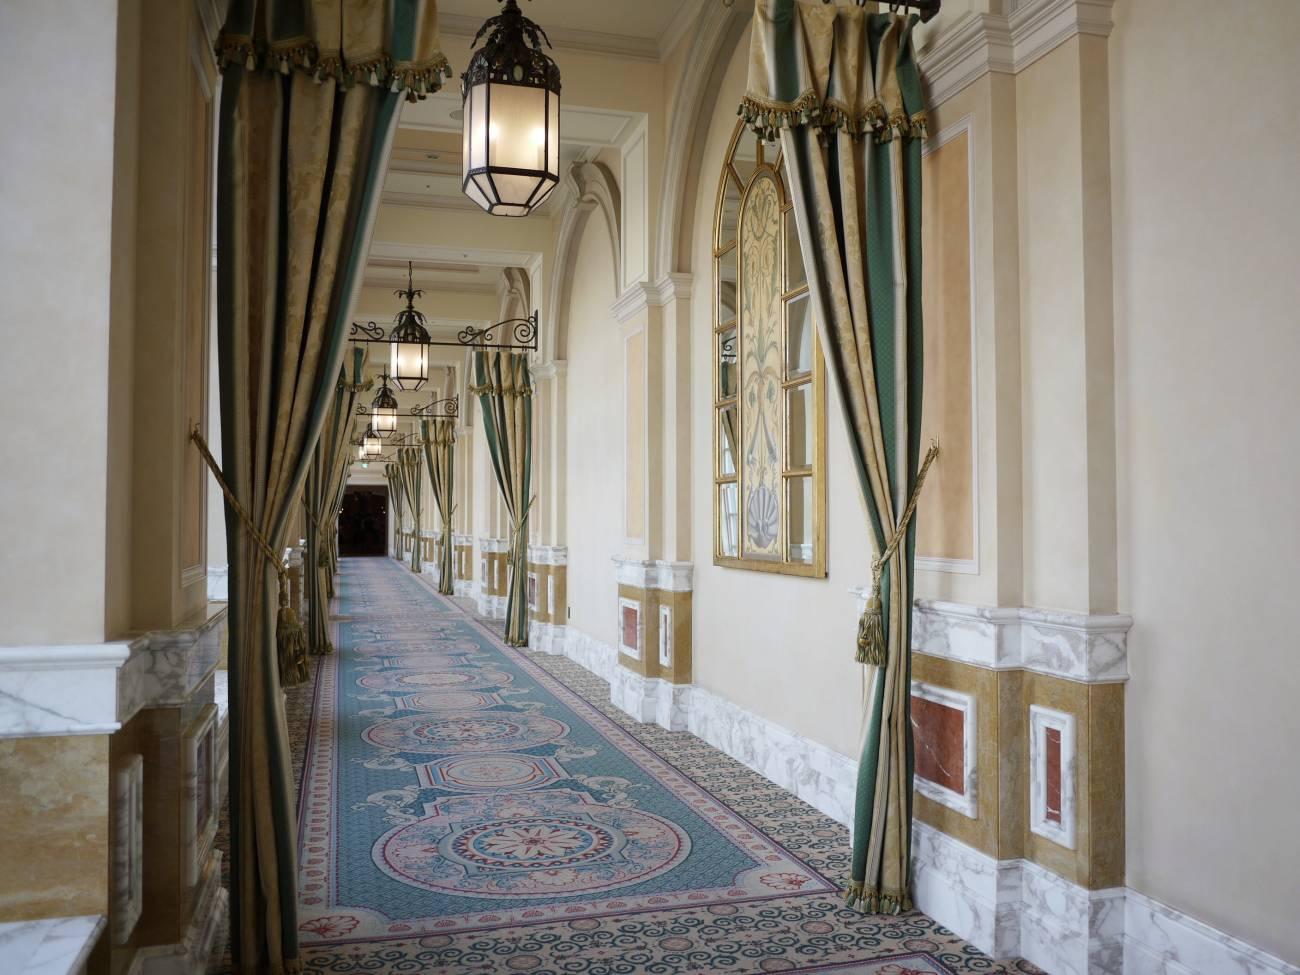 ホテルミラコスタの廊下